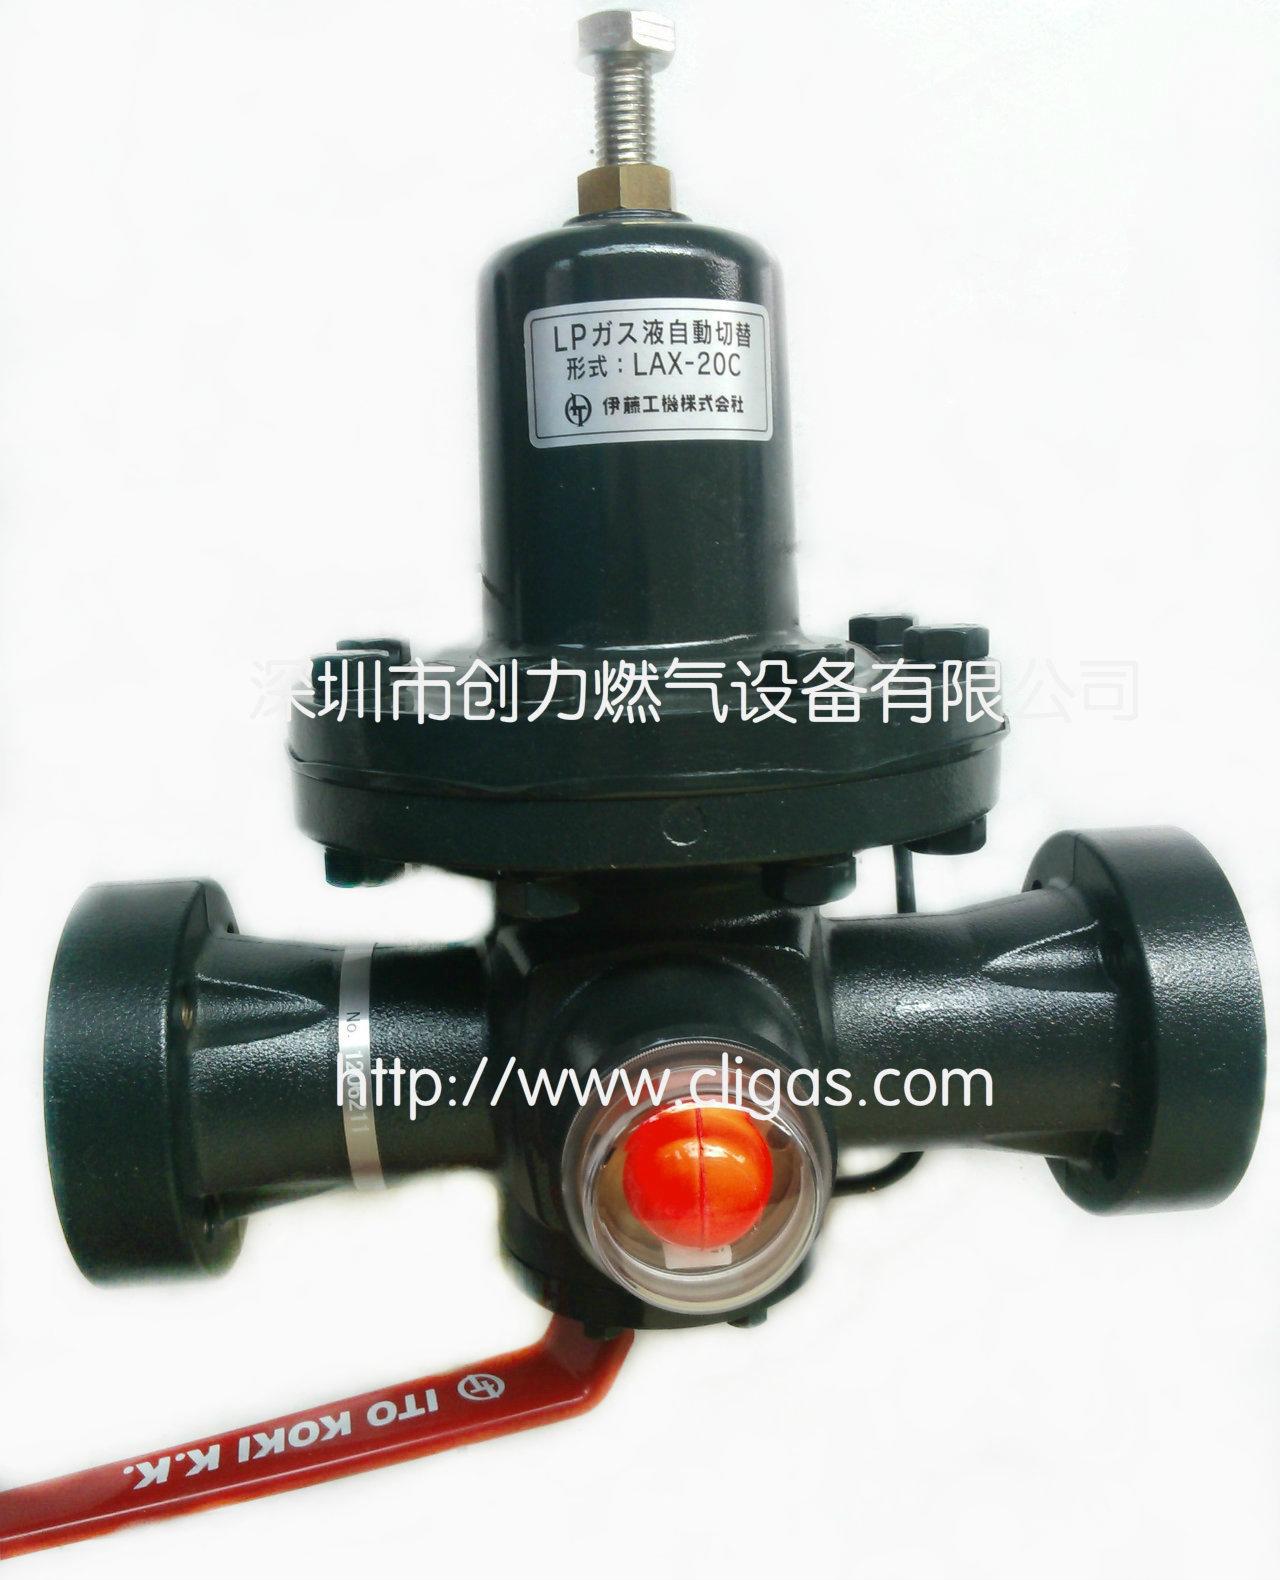 直销日本LAX-20C自动切换器/ 液相自动转换阀